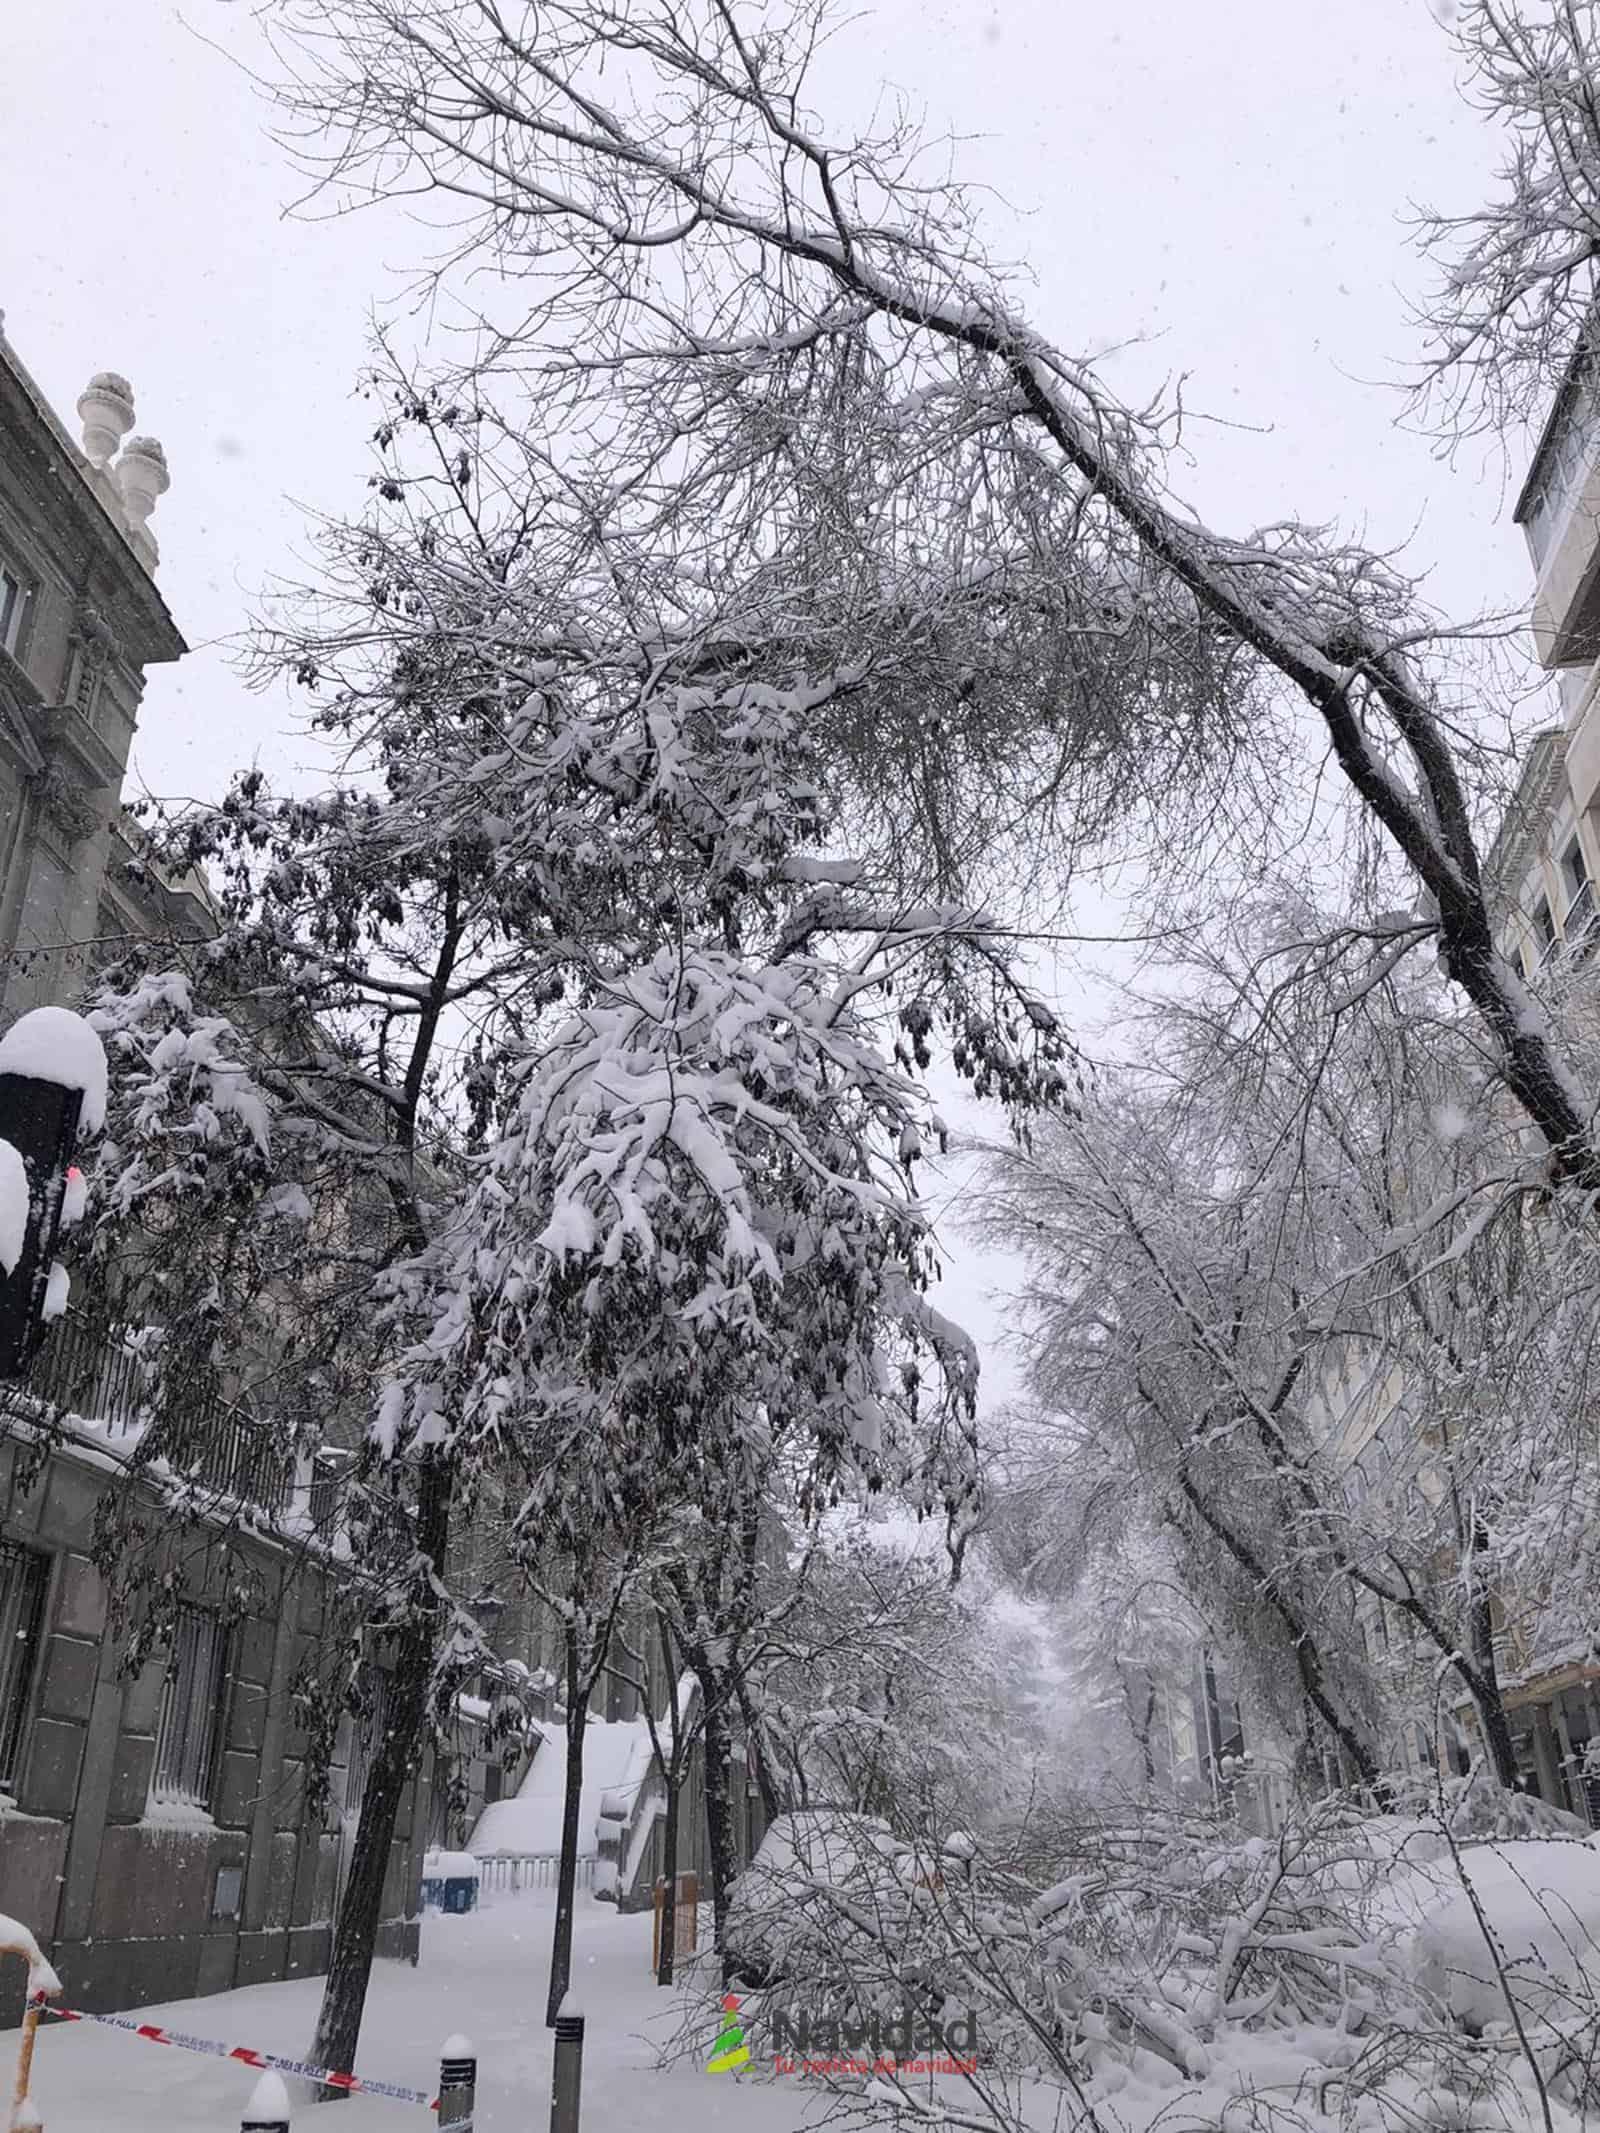 Fotografías de la nevada de enero en Madrid (España) 155